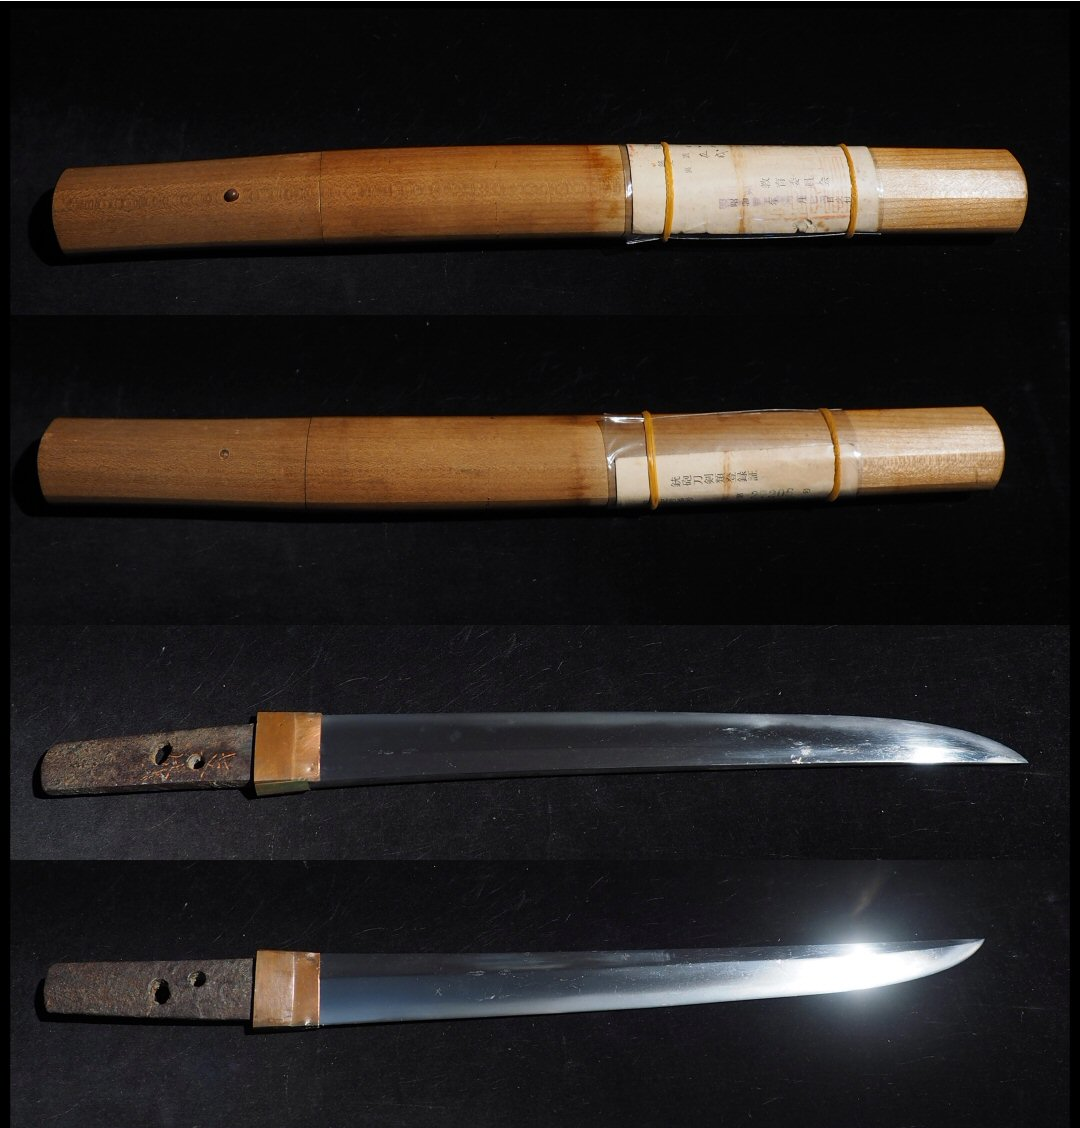 ◆在銘 友成 (備前国 平安時代末期~と文献にあり)白鞘入り 菖蒲造りの短刀 八寸